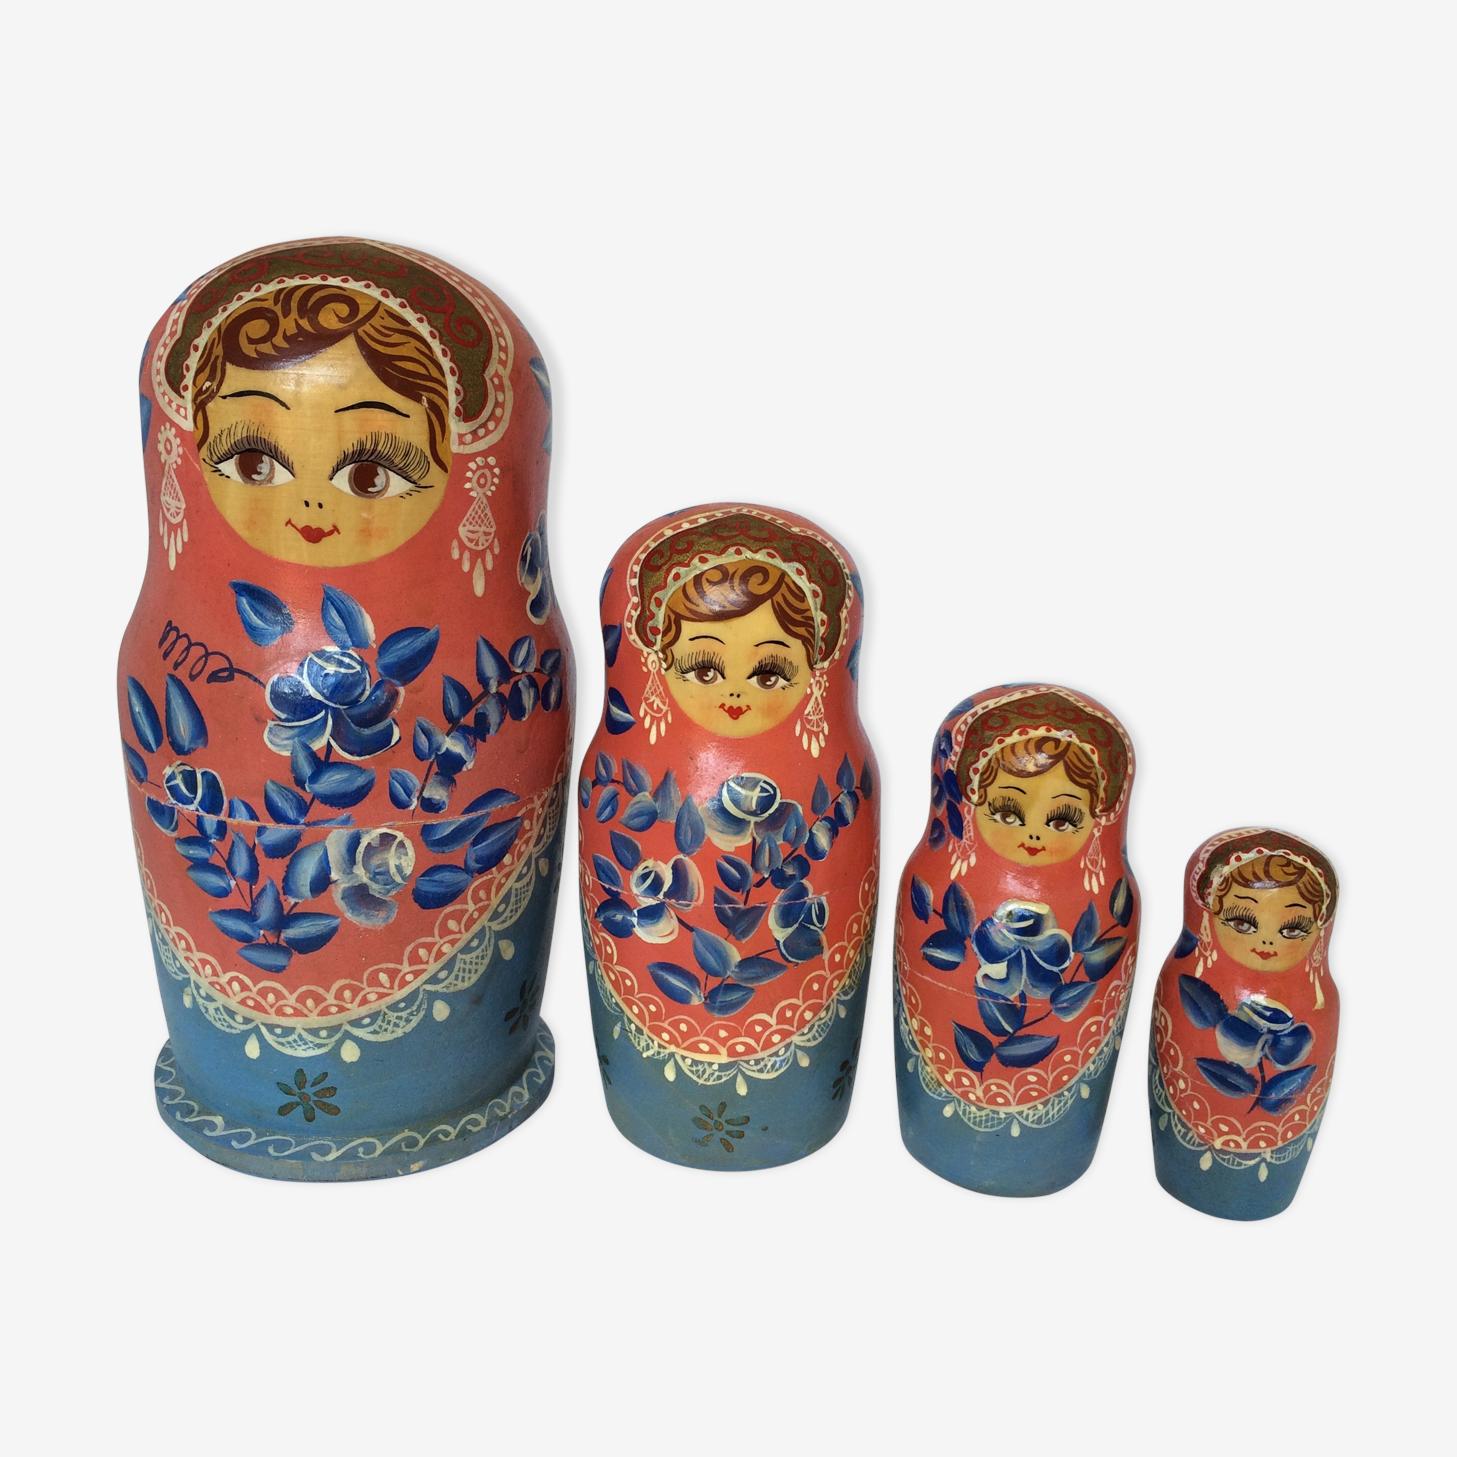 Poupées russes vintage